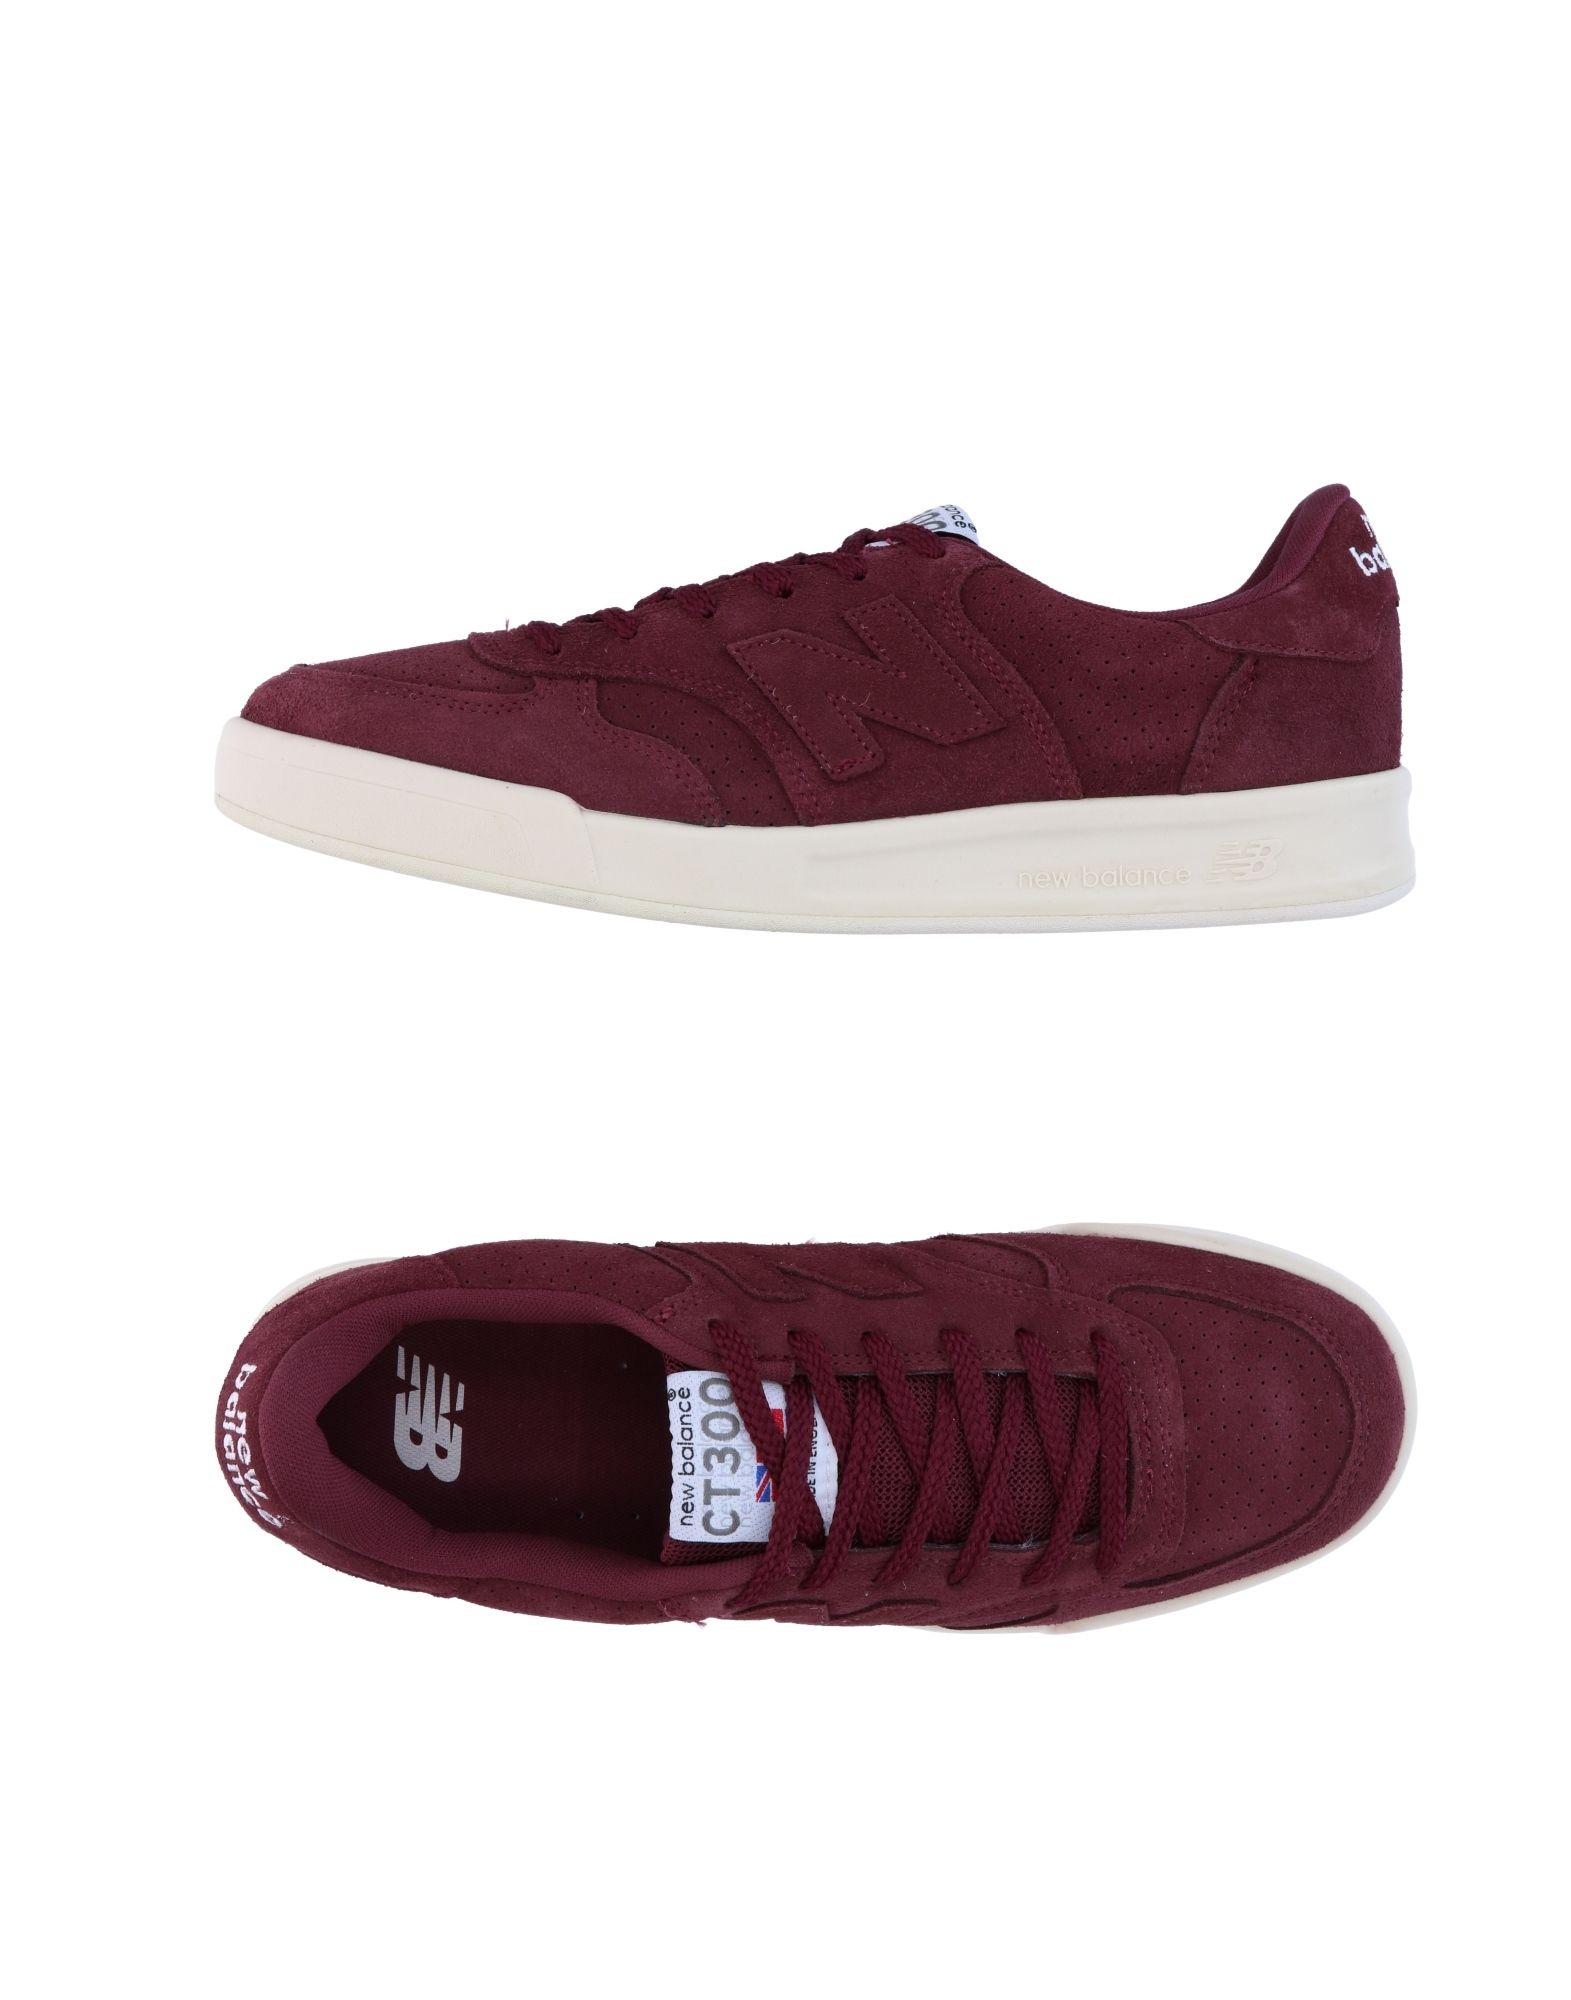 Rabatt echte Herren Schuhe New Balance Sneakers Herren echte  11293946VC 4dcab2